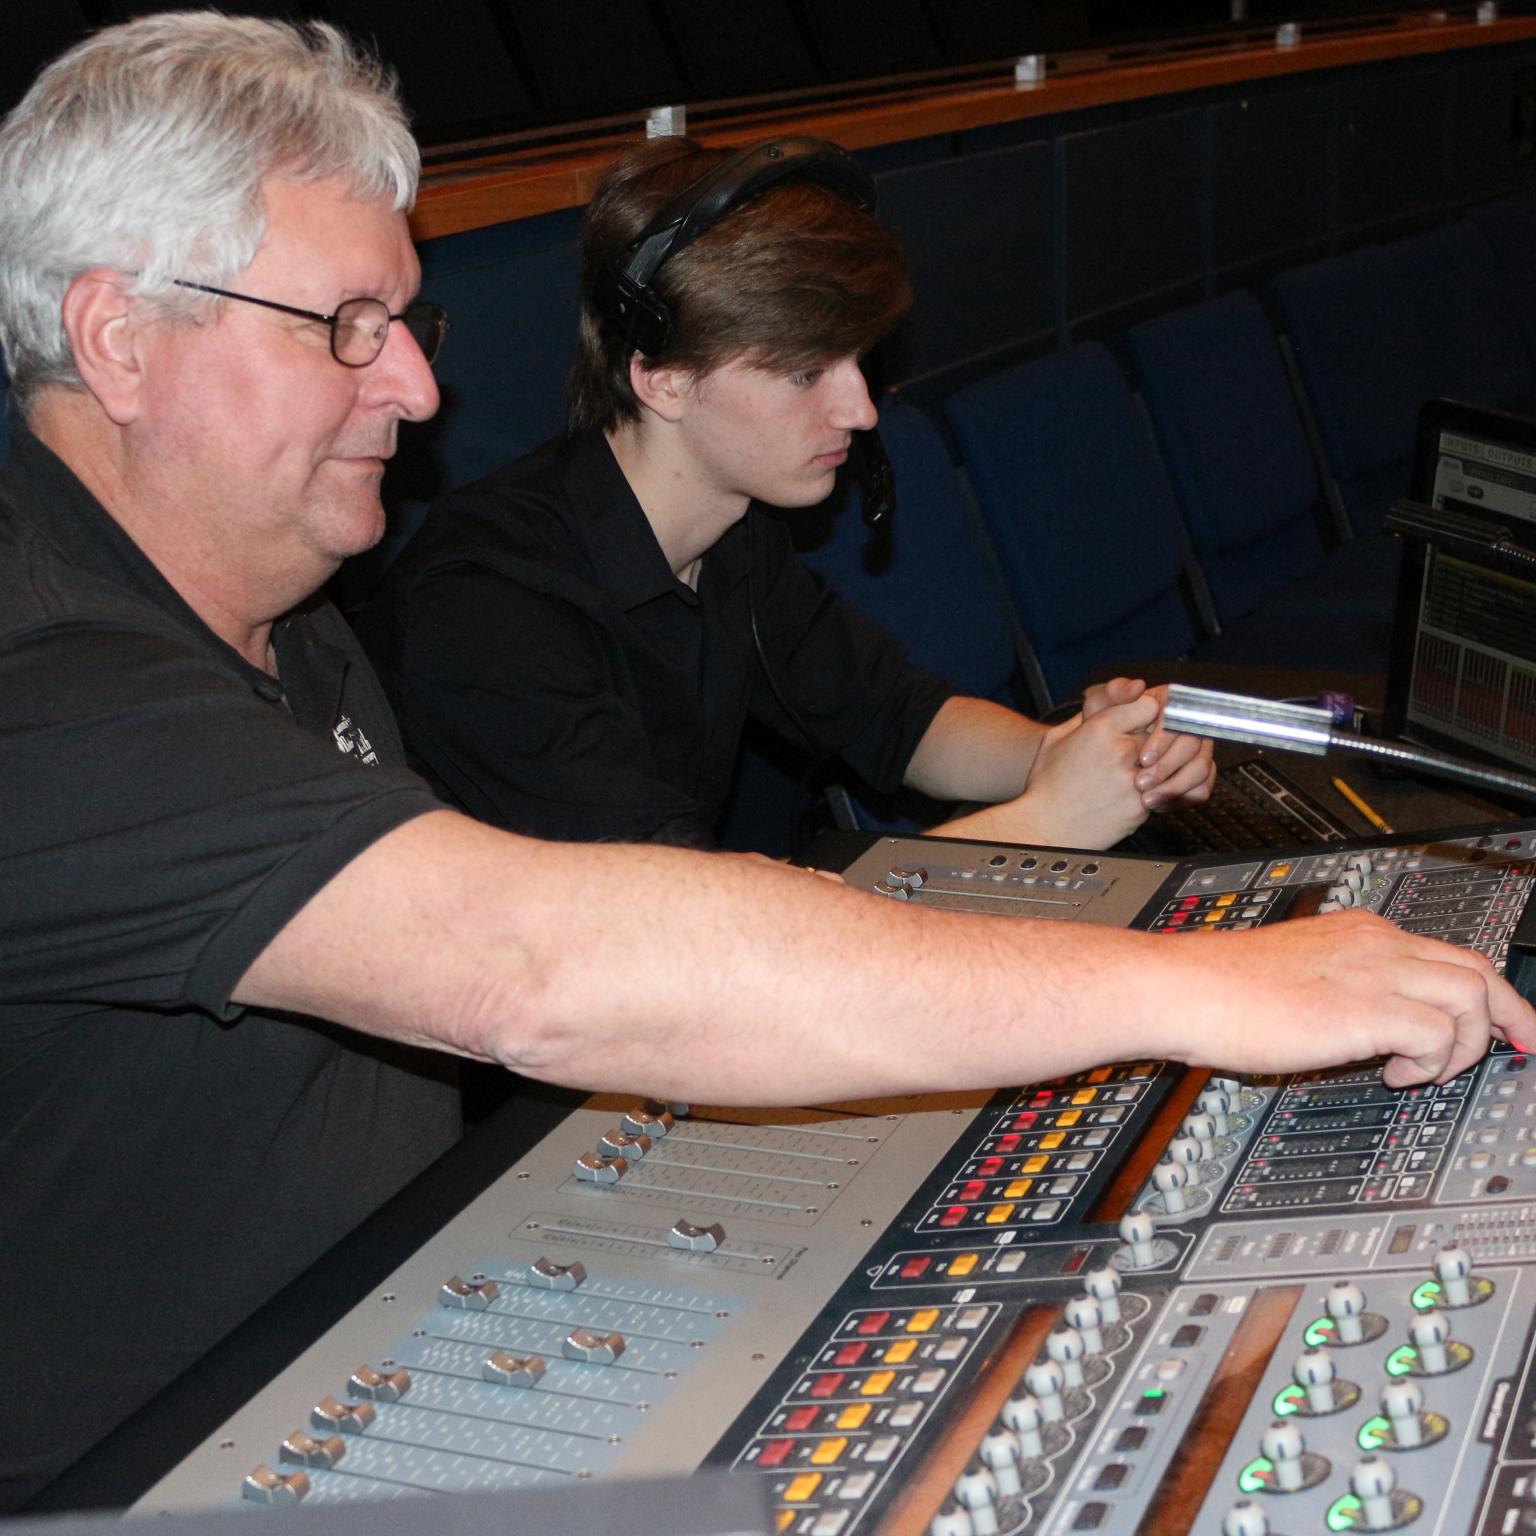 sound-board-operators